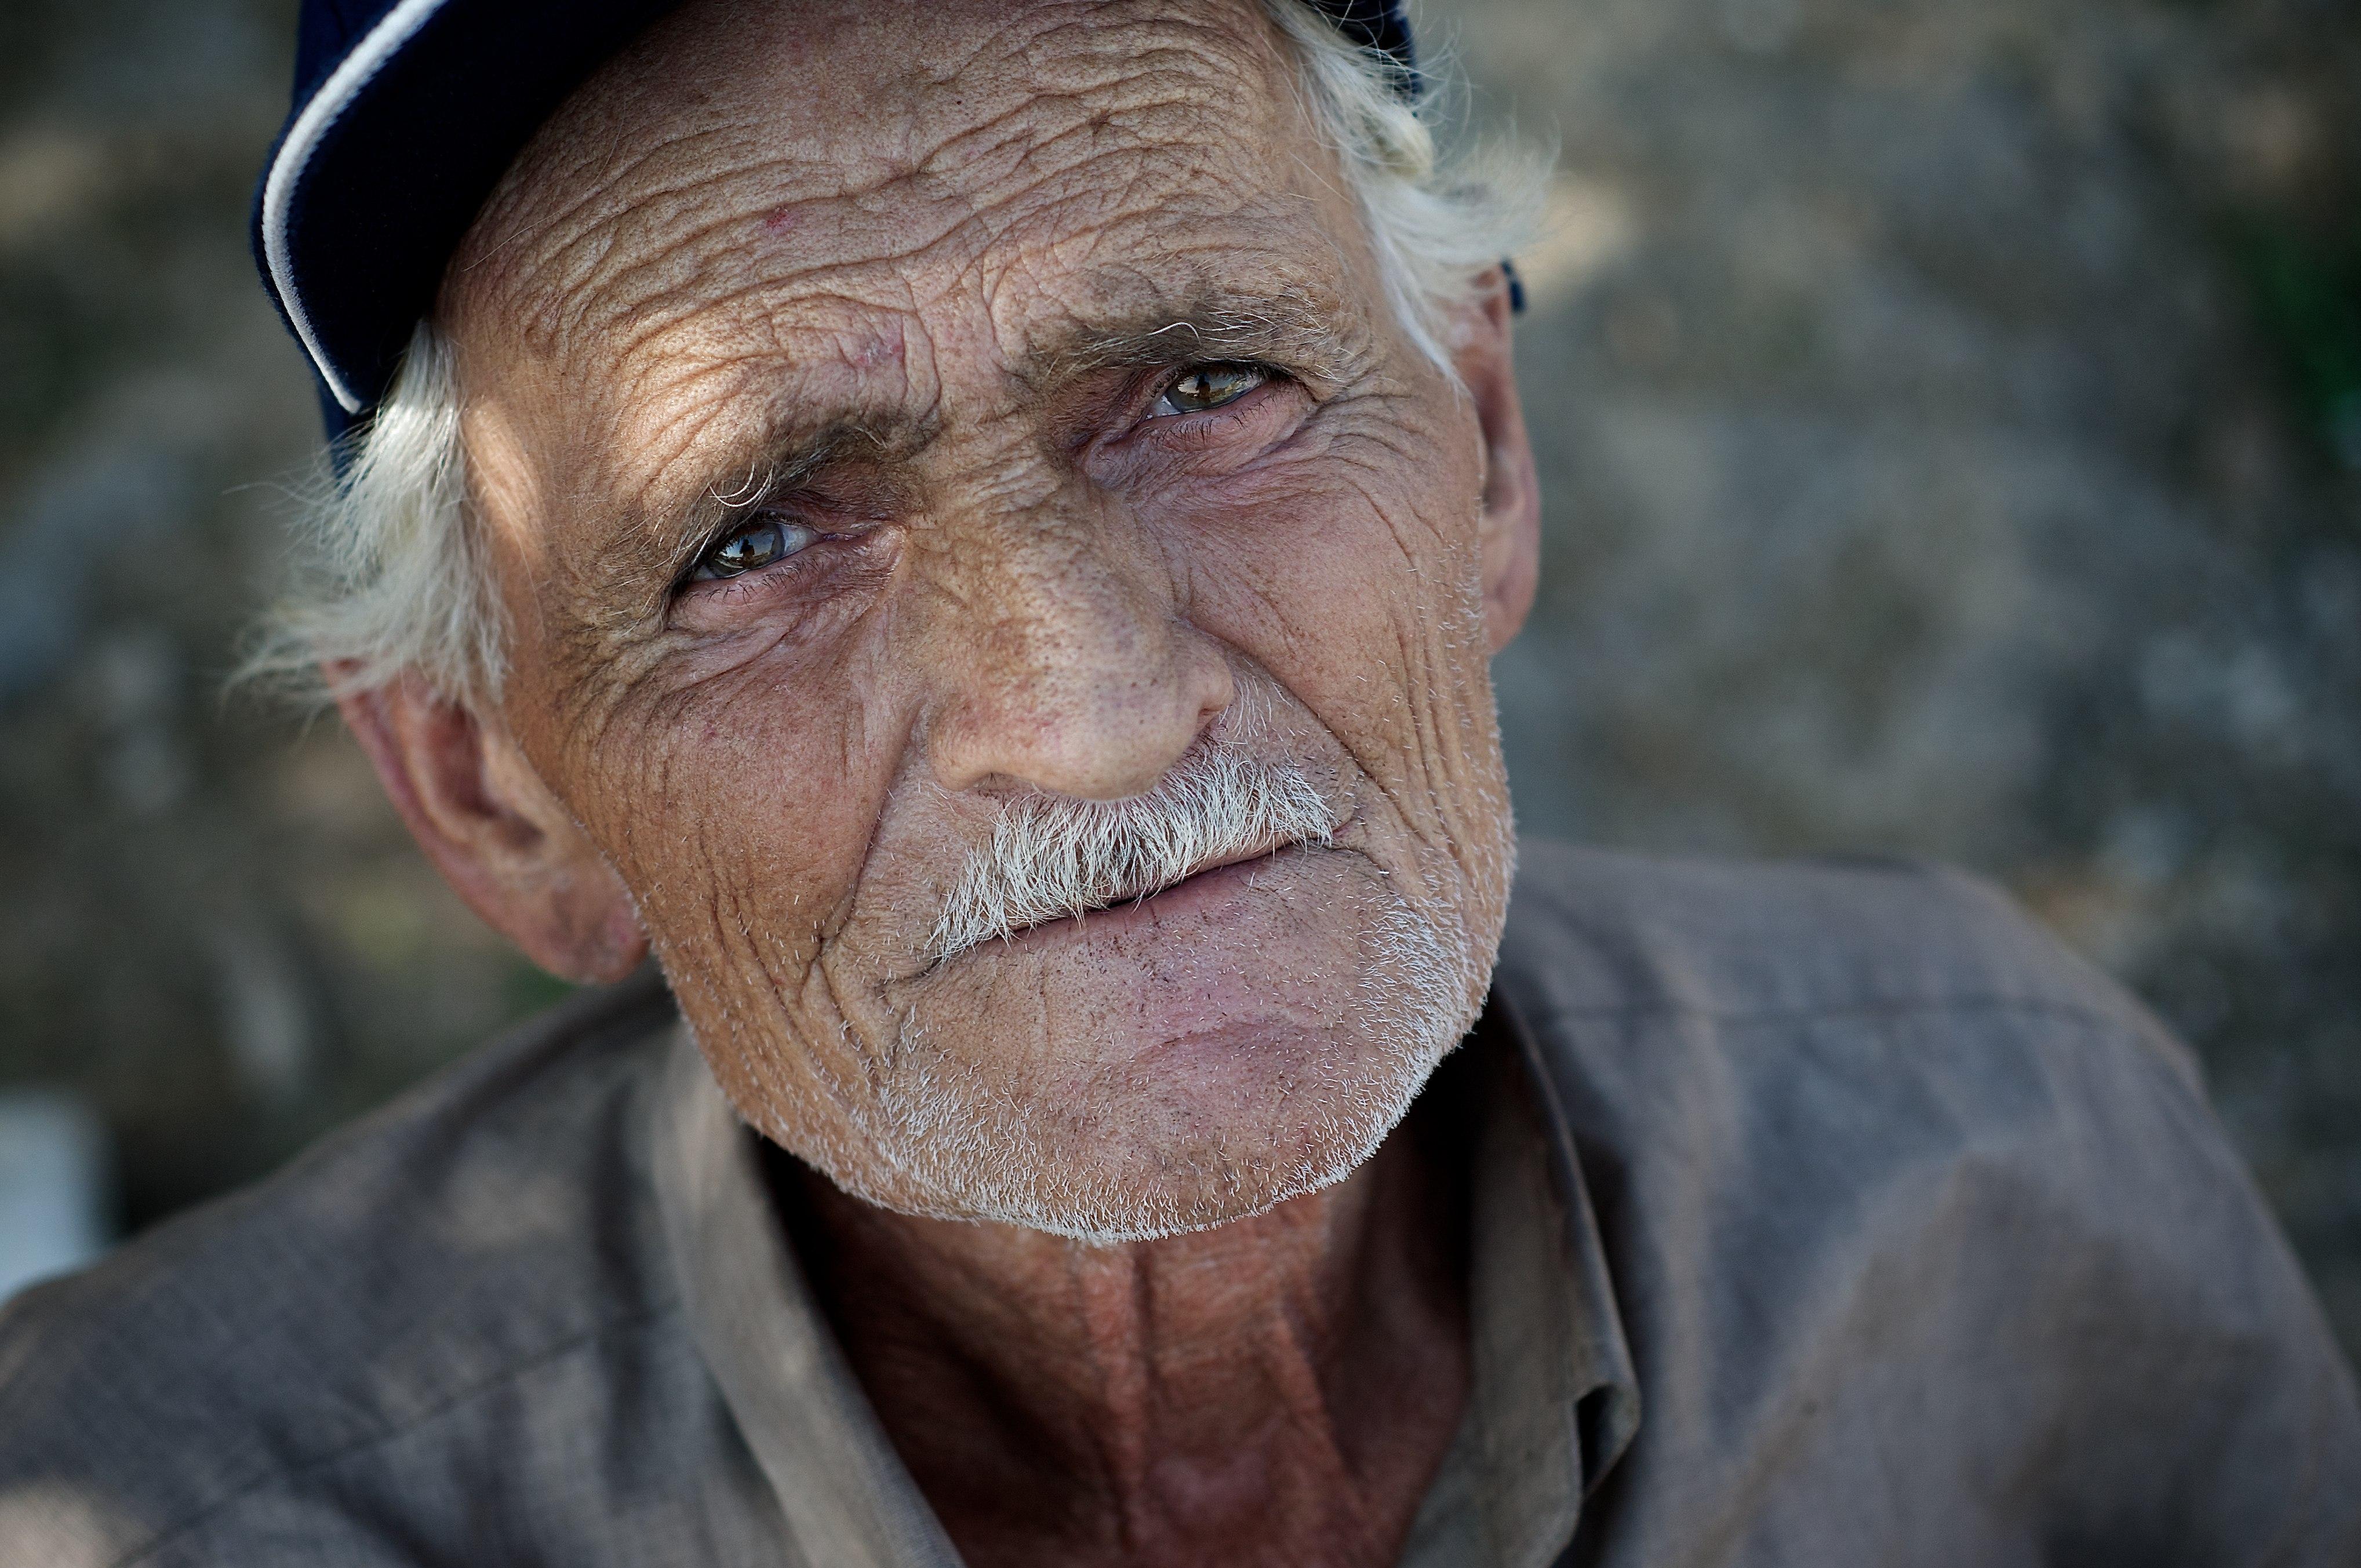 точно фото старое людей пожилых лучшие